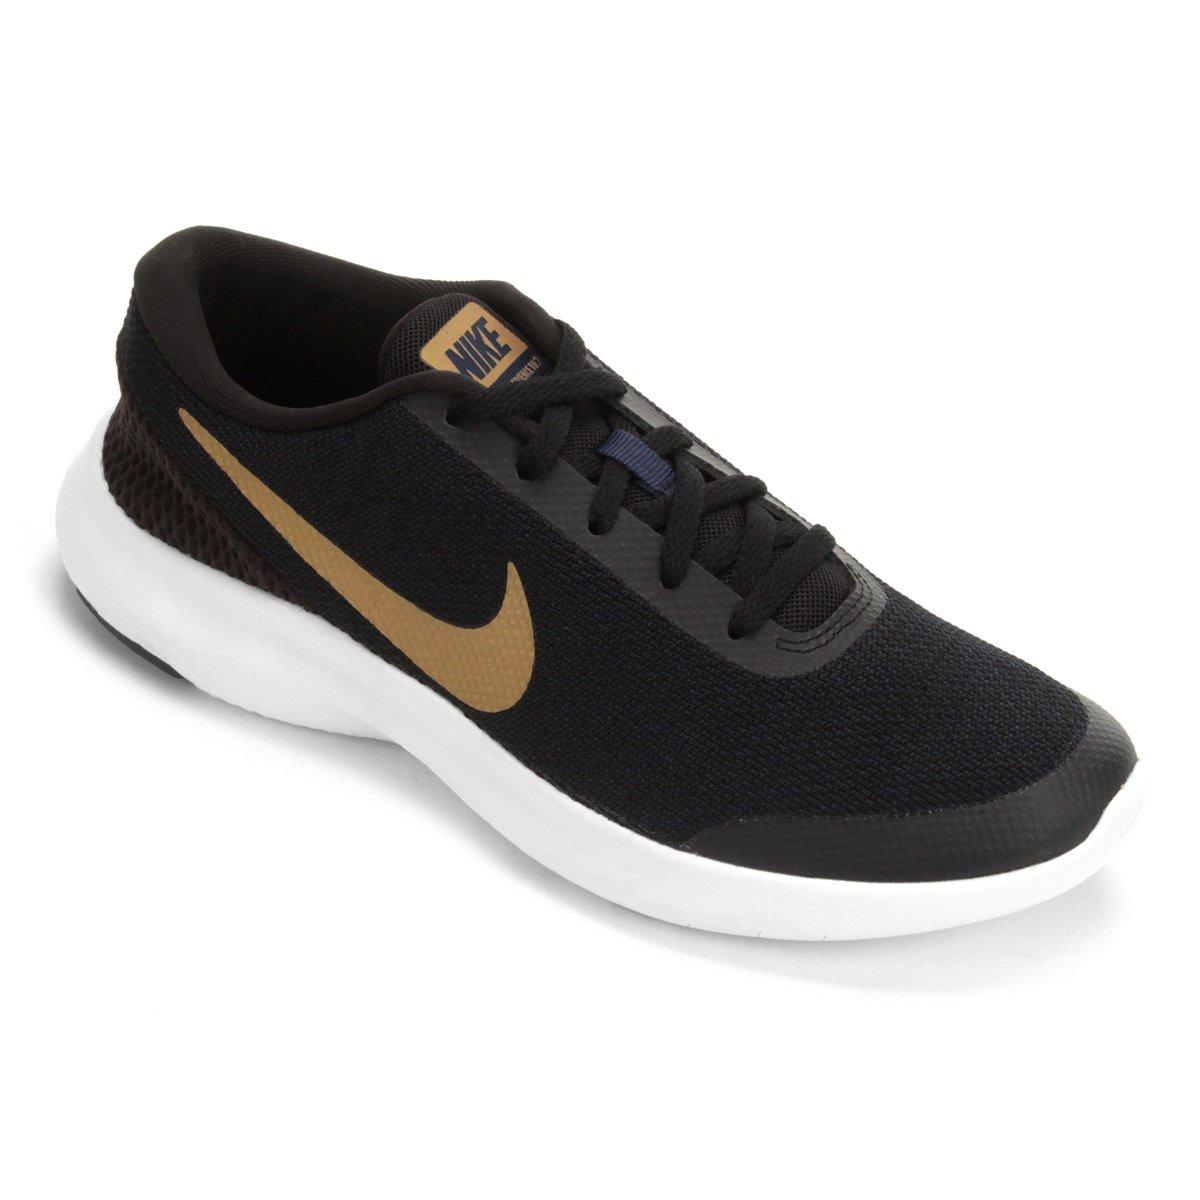 c4d54bb4505 Tênis Nike Flex Experience RN 7 Feminino - Preto e Dourado - Compre Agora